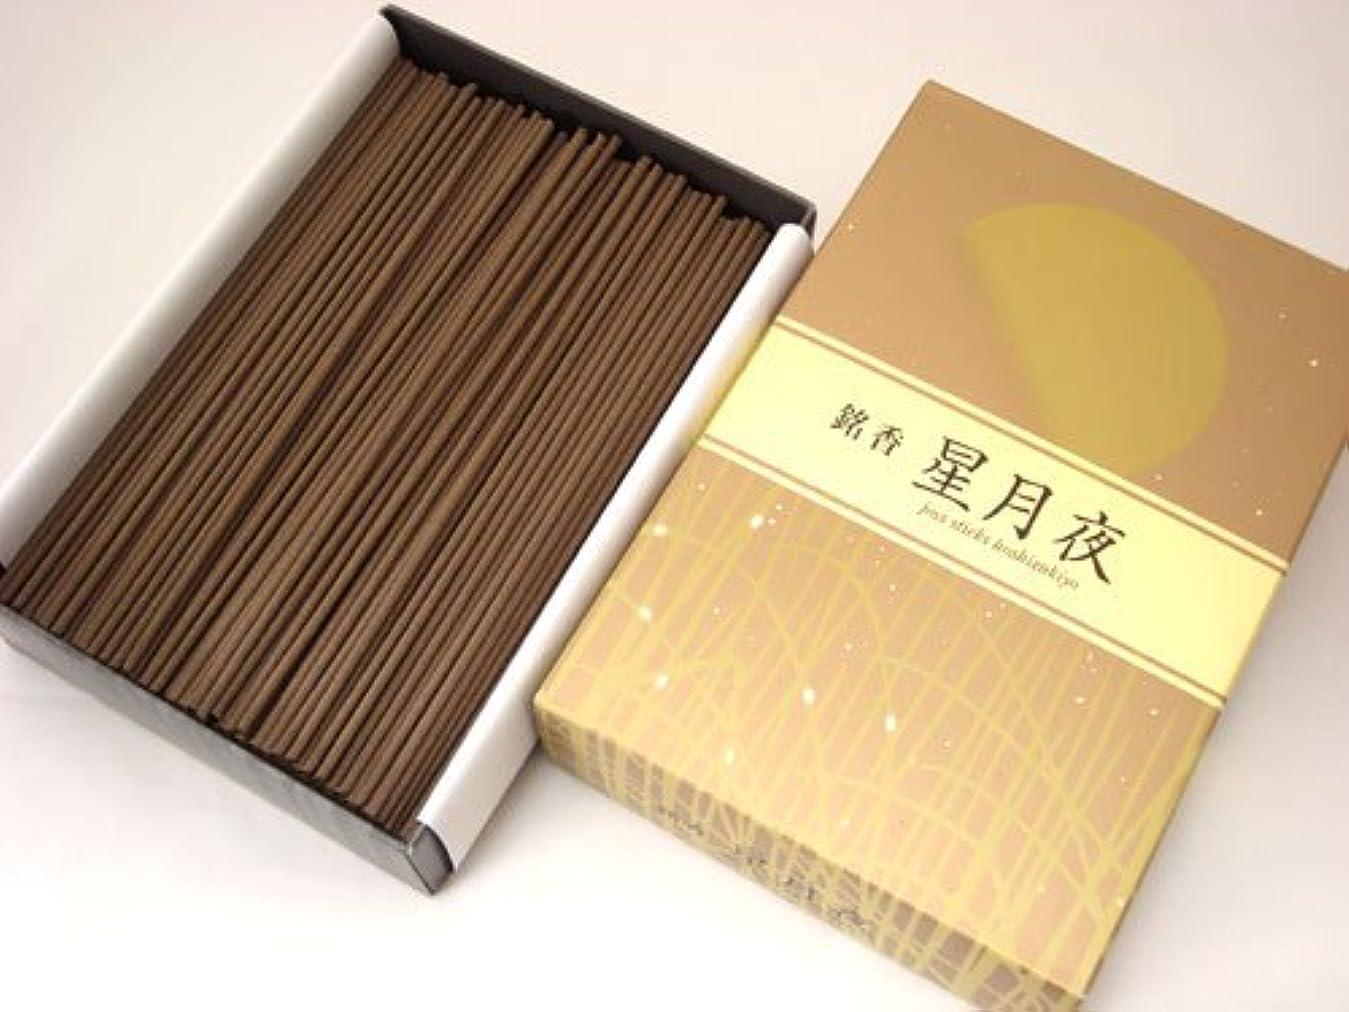 縁驚タクト日本香堂 微煙タイプ【銘香 星月夜(ほしづきよ)】 バラ詰 大箱